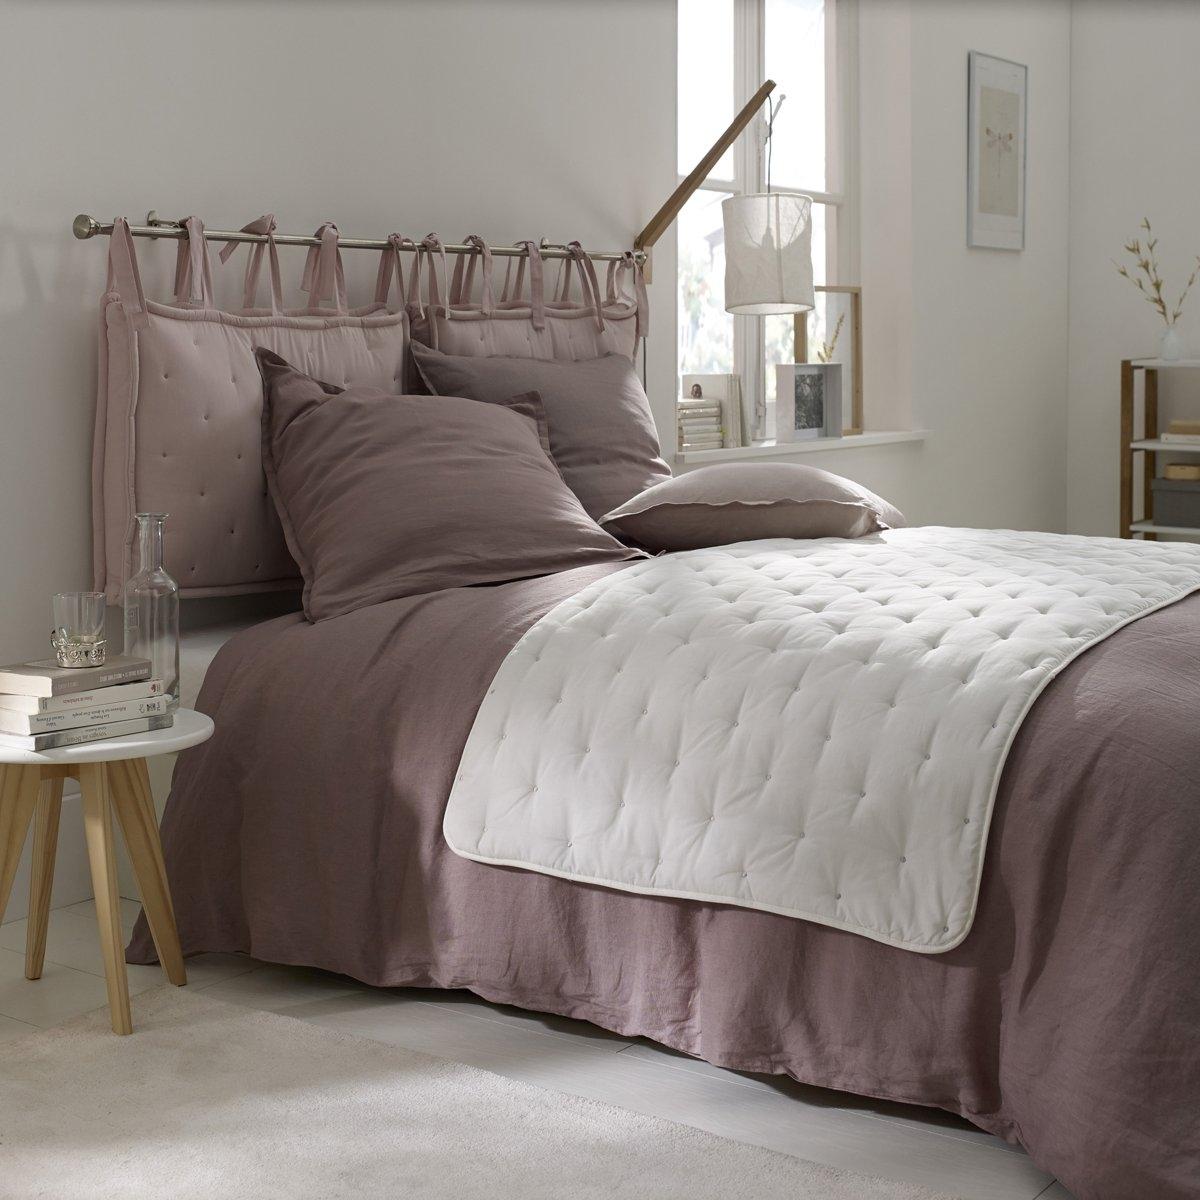 Покрывало La Redoute С вышивкой AERI 80 x 200 см белый подушка набивная для изголовья кровати aeri